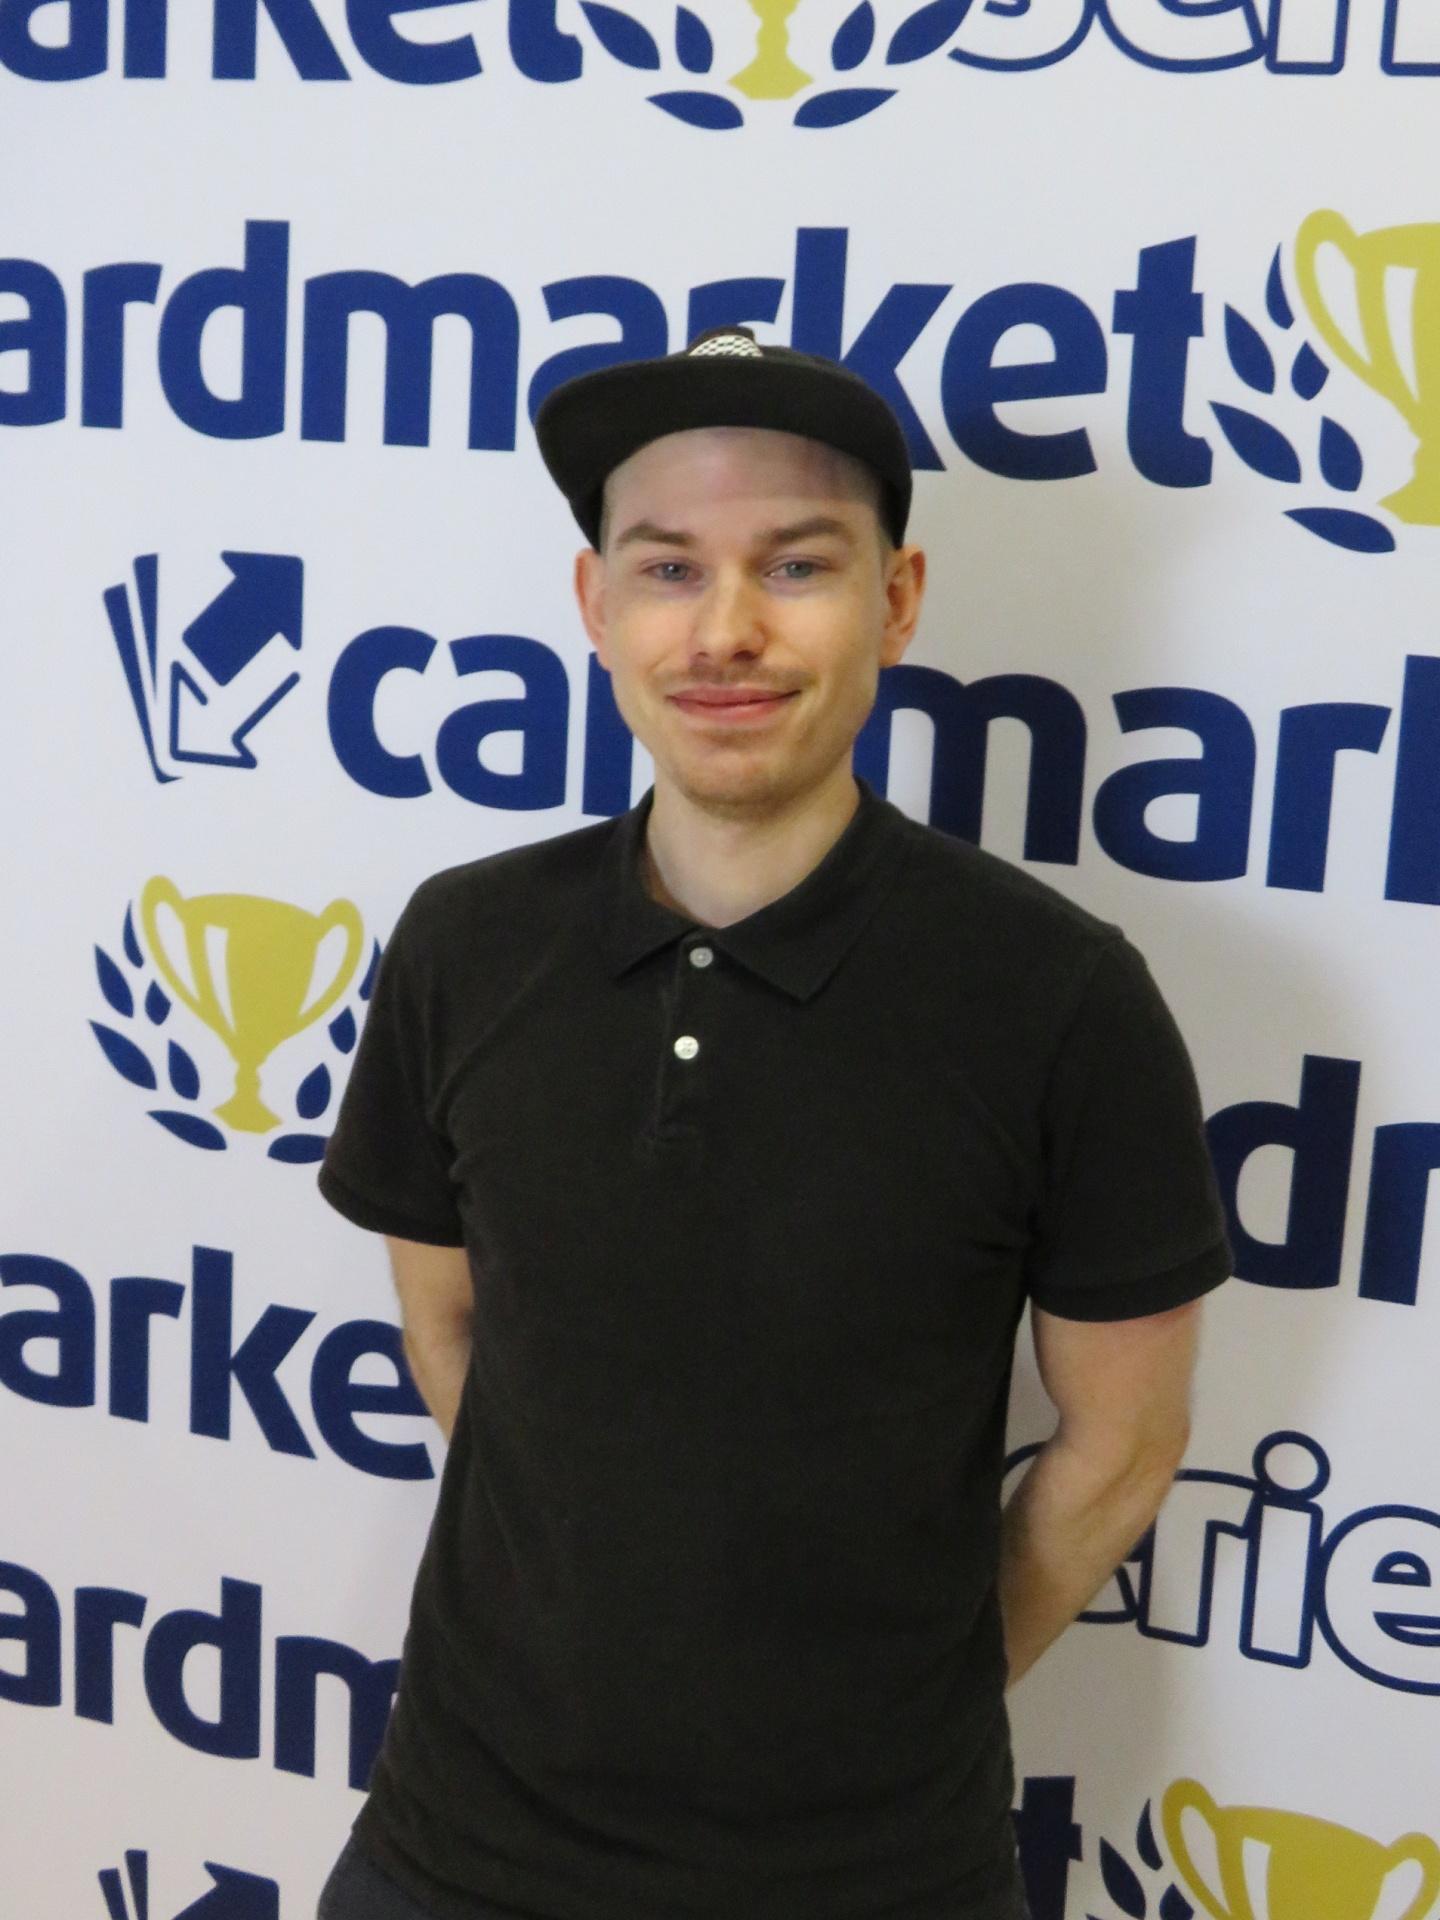 Hannes Eriksson